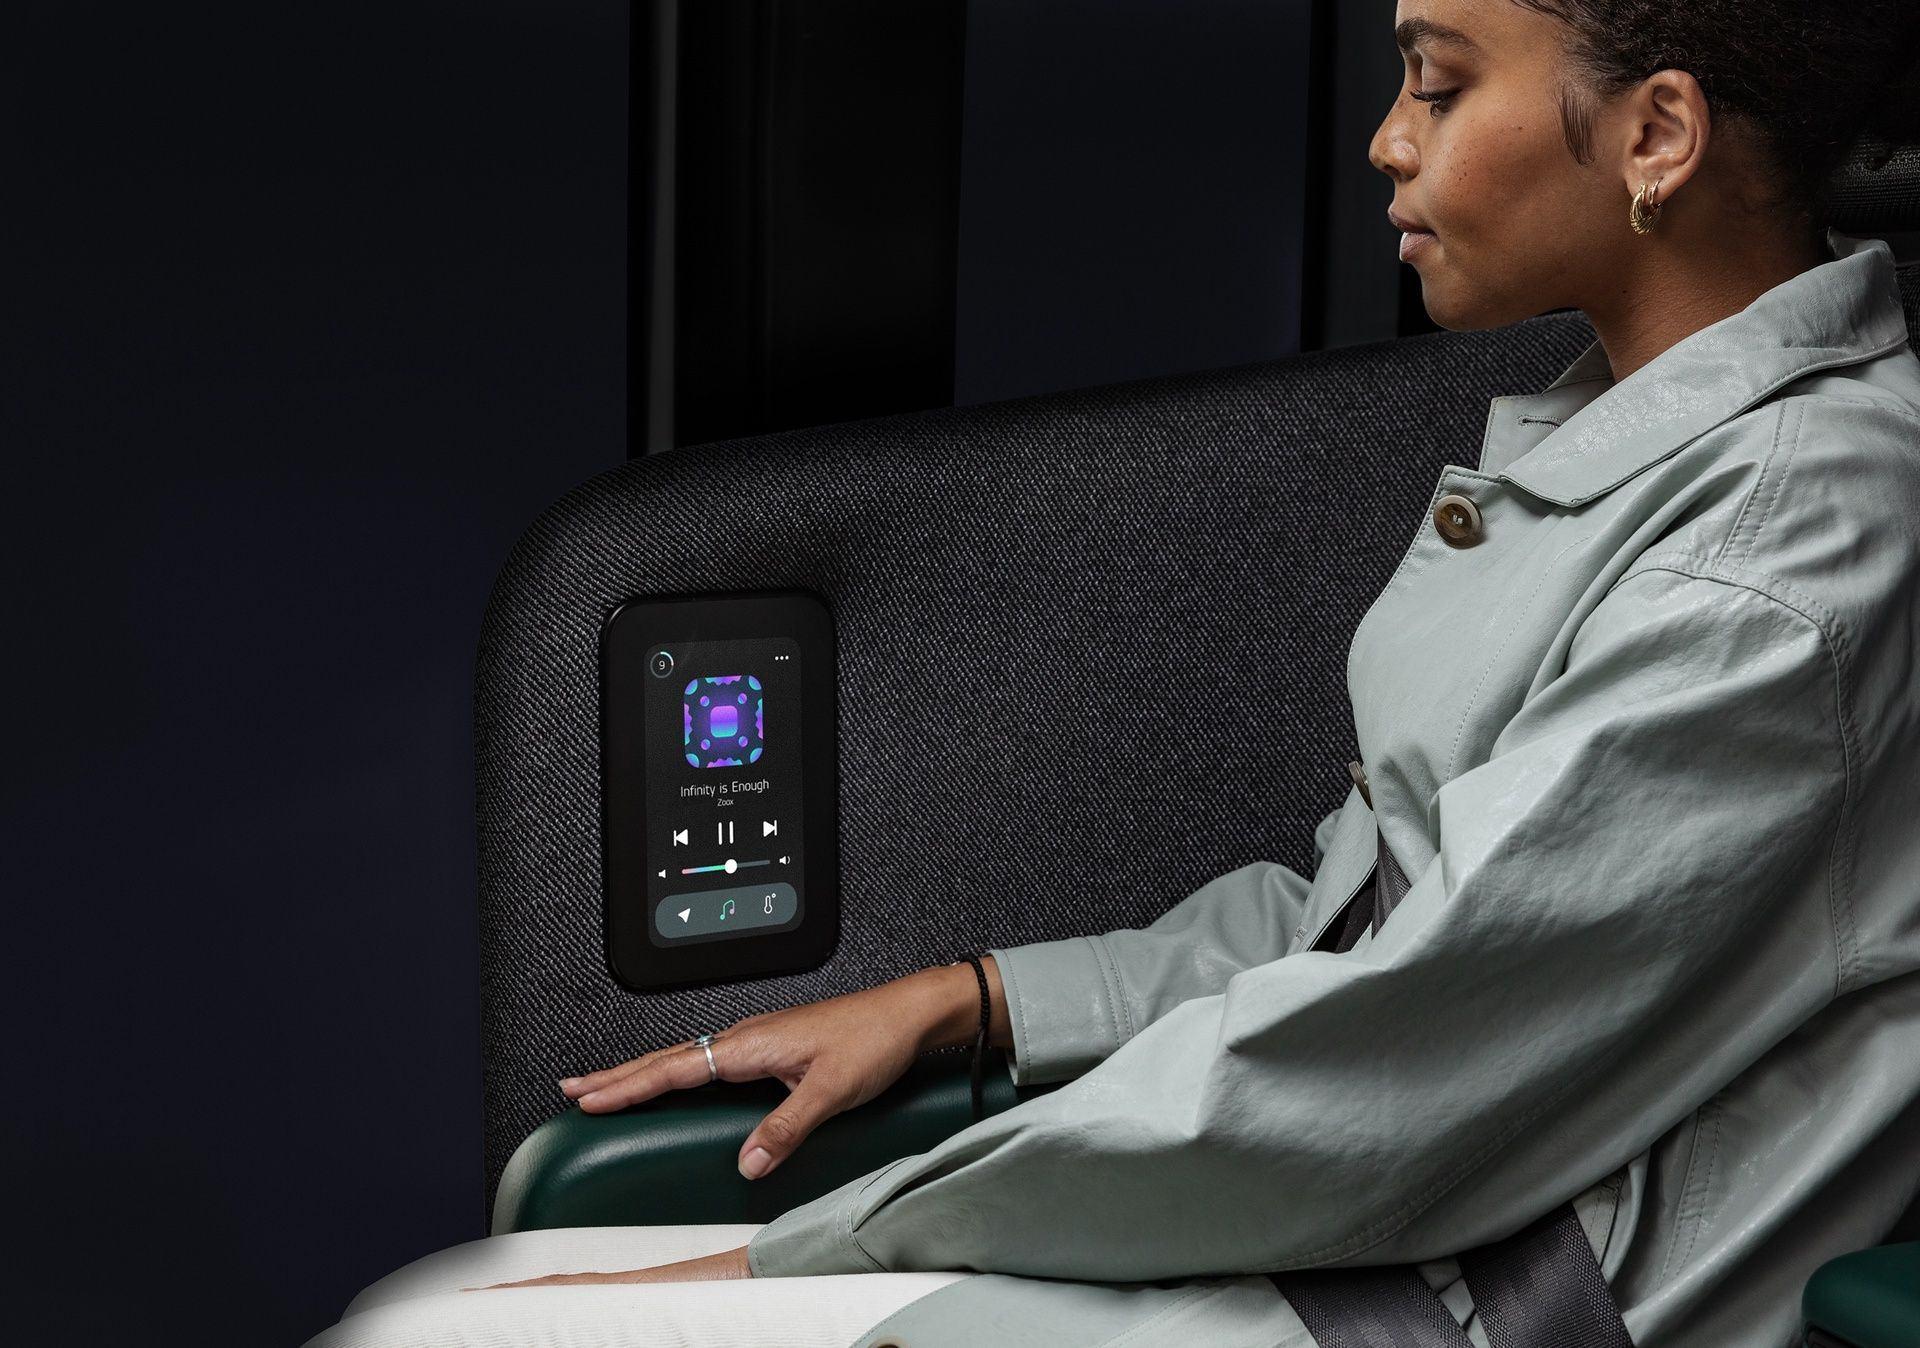 Zoox-Autonomous-Vehicle-Studio-Int-Screen